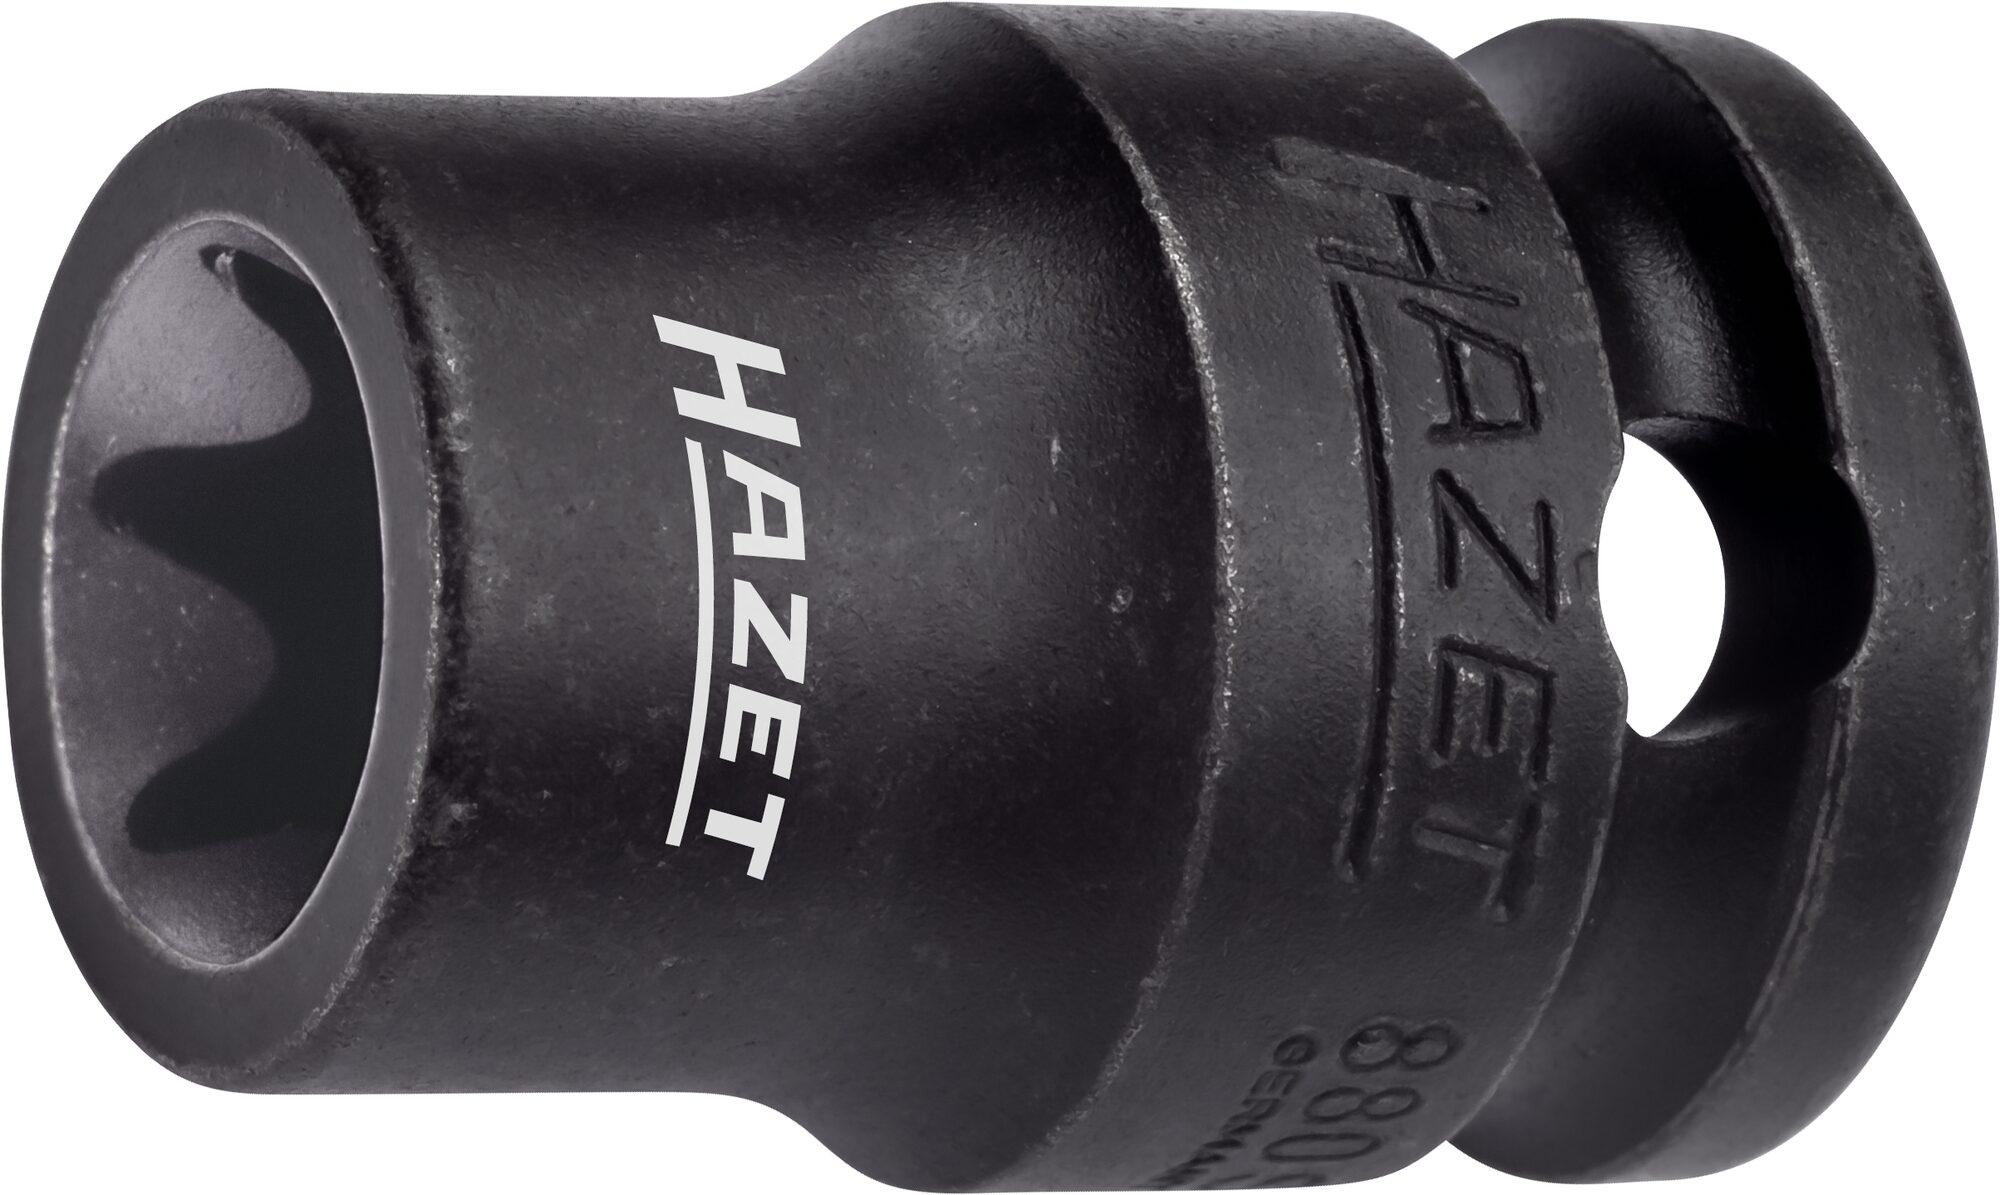 HAZET Schlag- ∙ Maschinenschrauber Steckschlüsseleinsatz ∙ TORX® 880S-E14 ∙ Vierkant hohl 10 mm (3/8 Zoll) ∙ E14